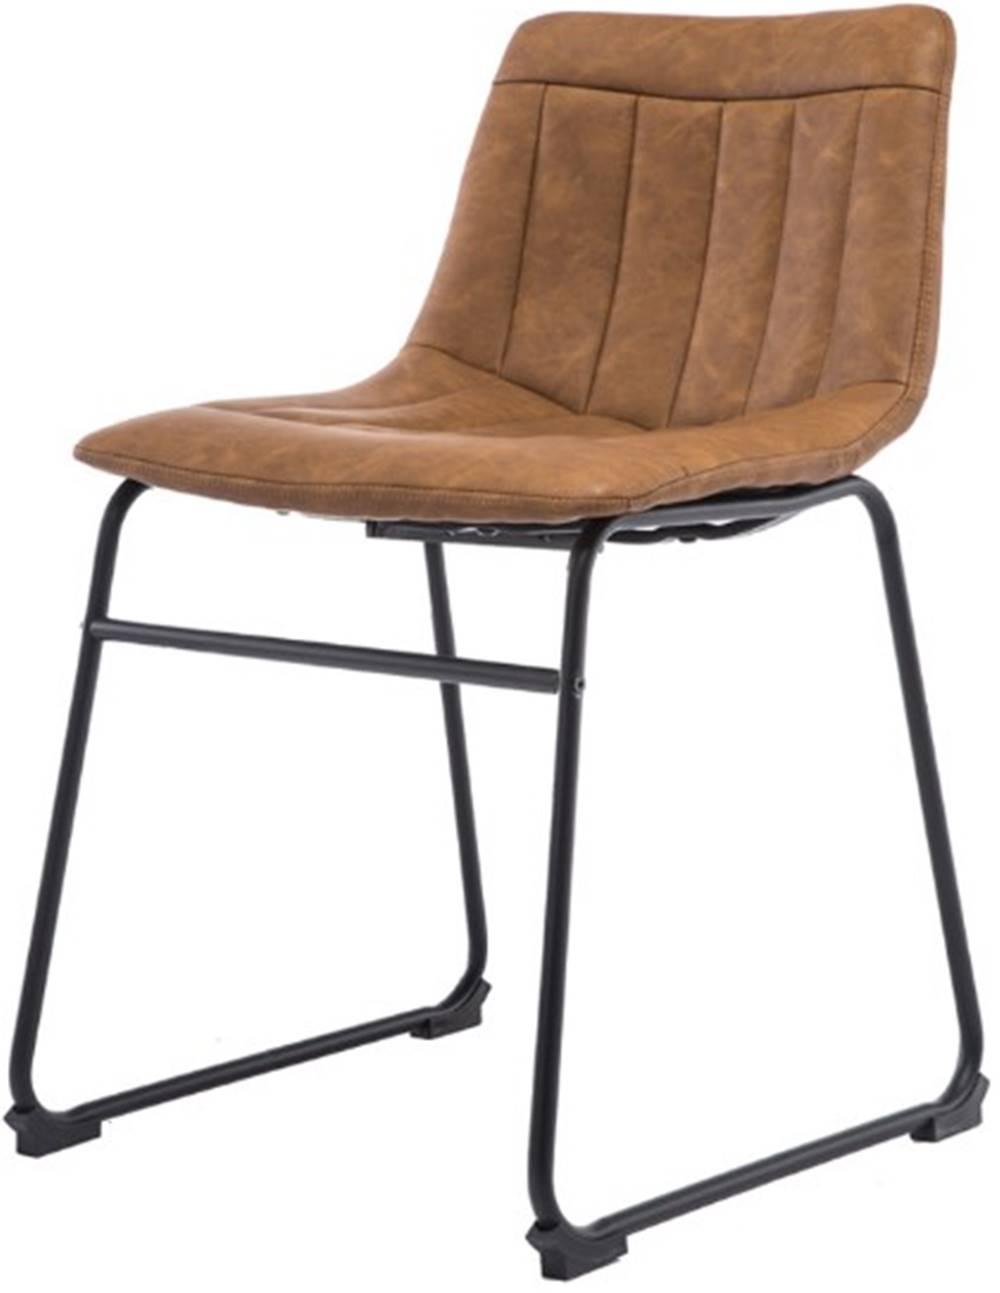 Cadeira Tamara Assento Courino Marrom com Base Aco Preto - 47345